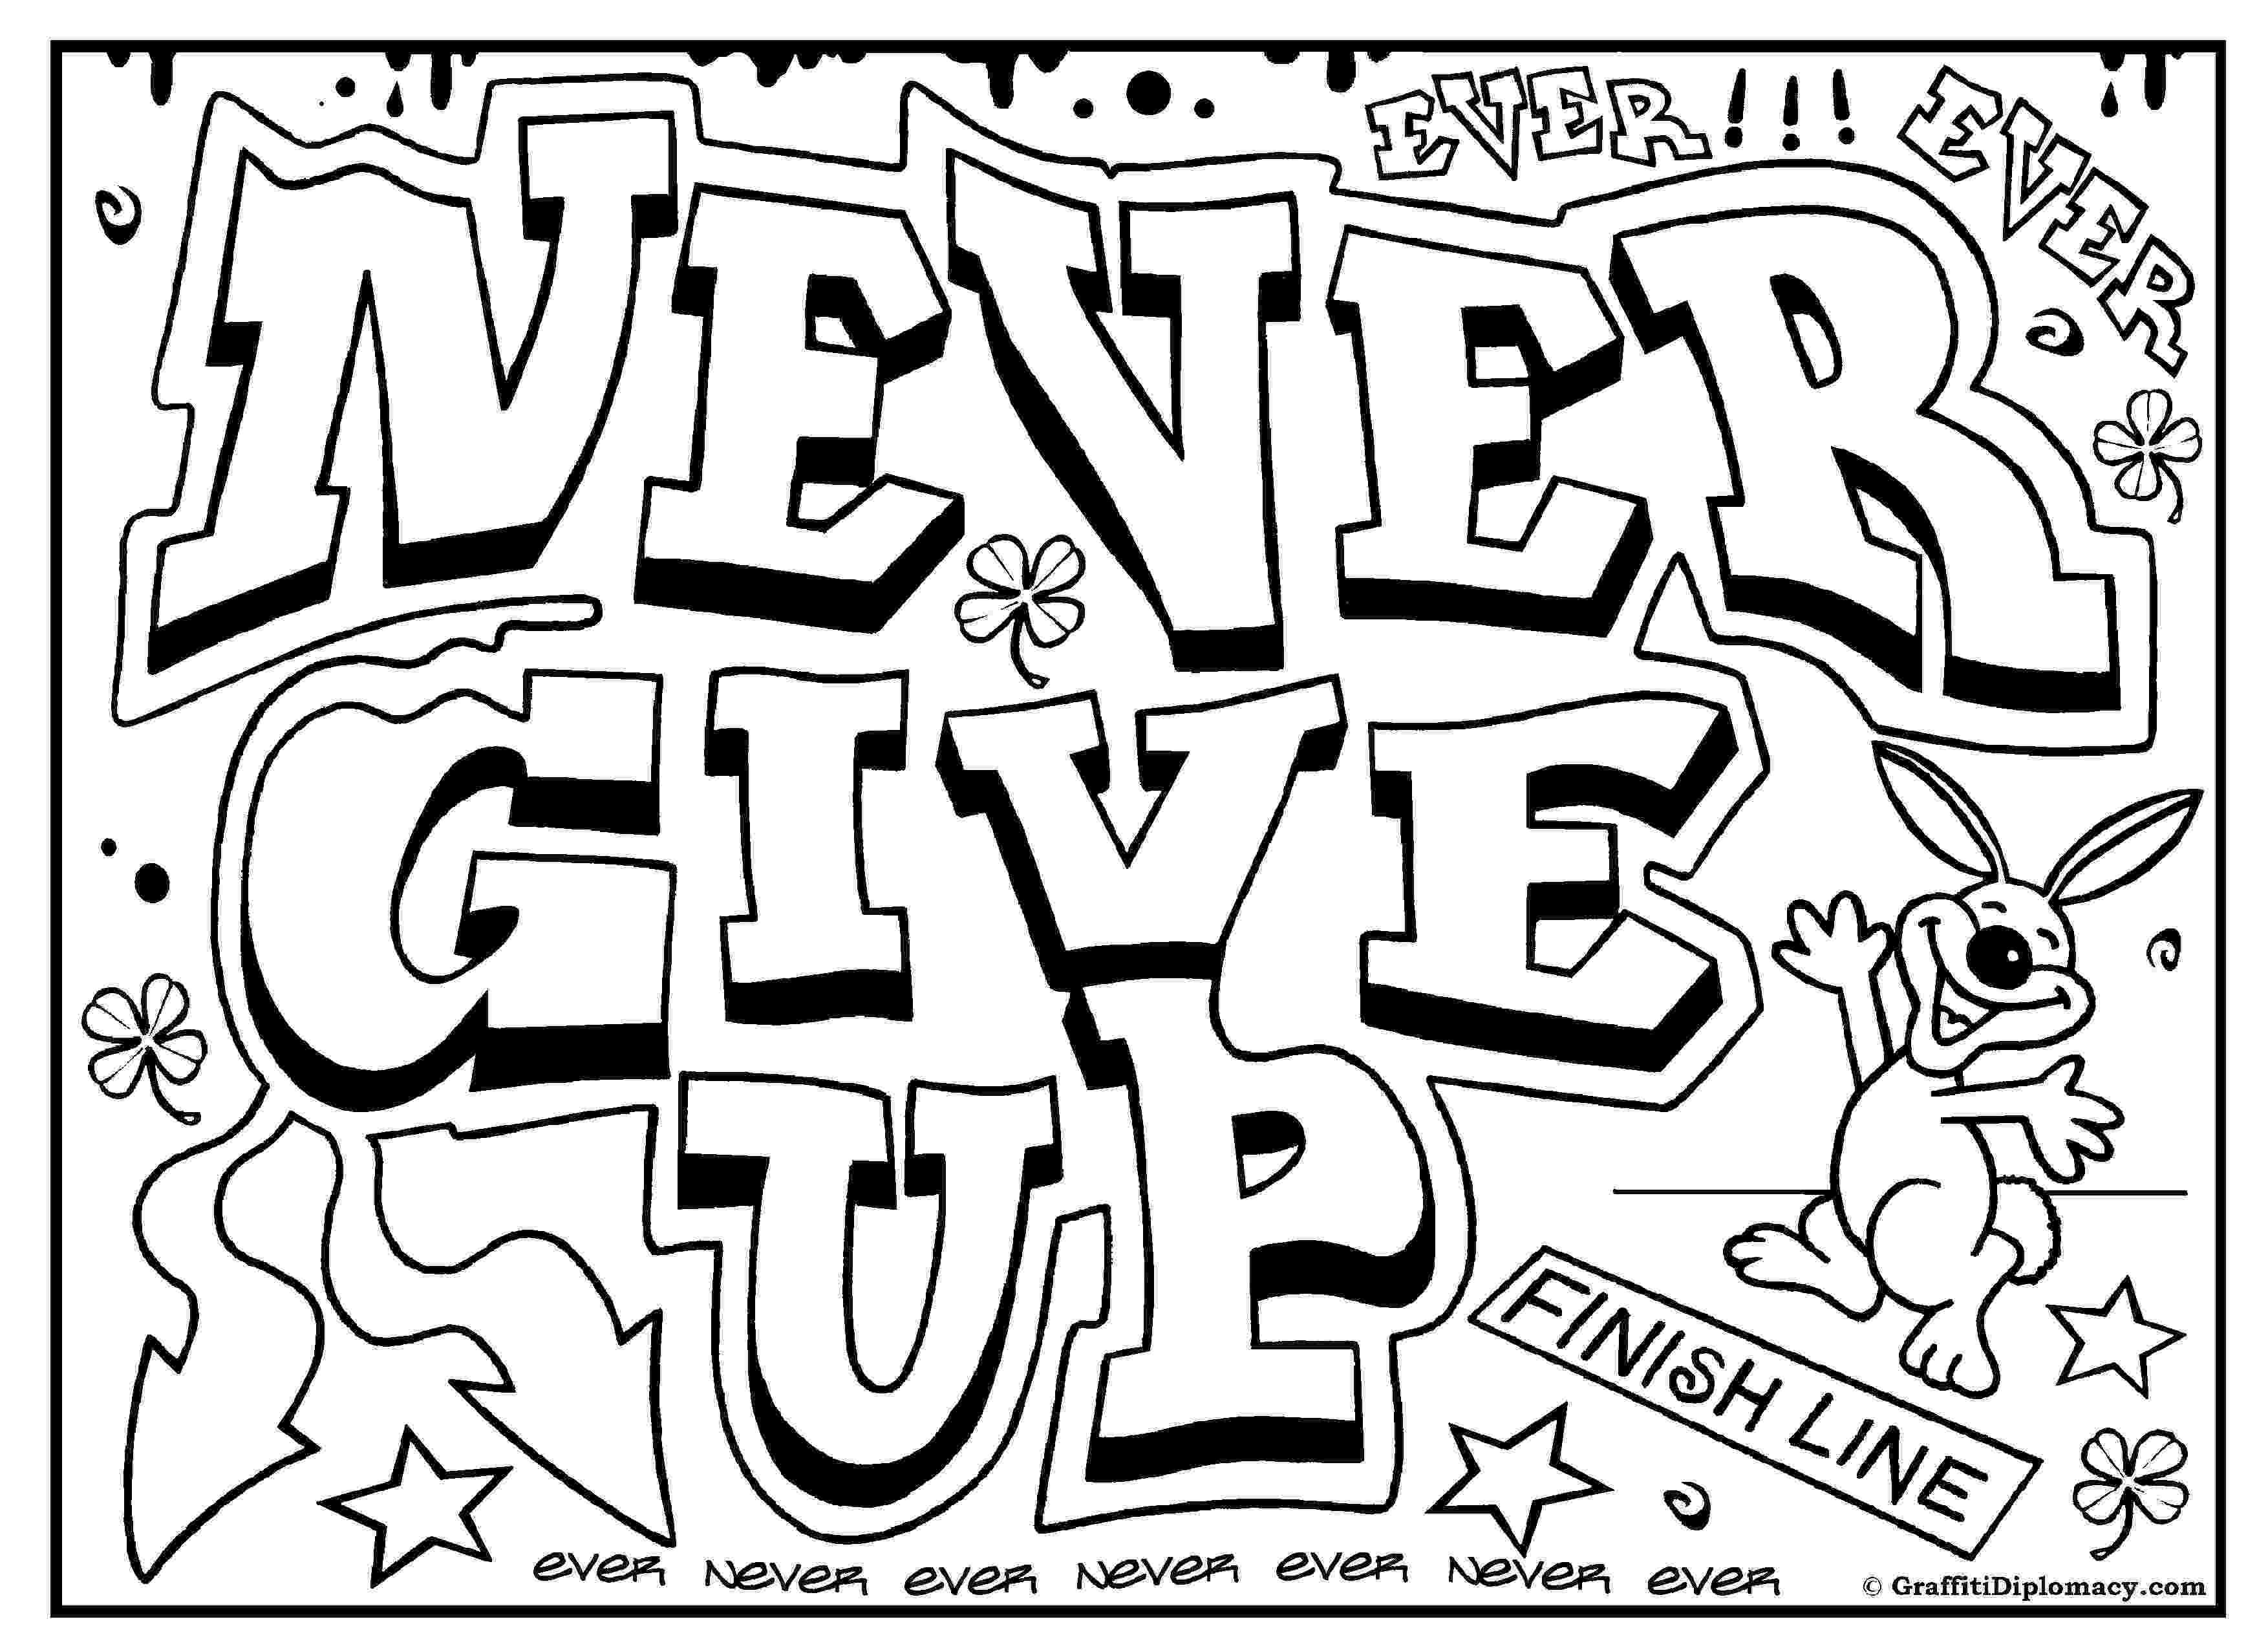 graffiti coloring graffiti wall graffiti words coloring pages for teenagers coloring graffiti